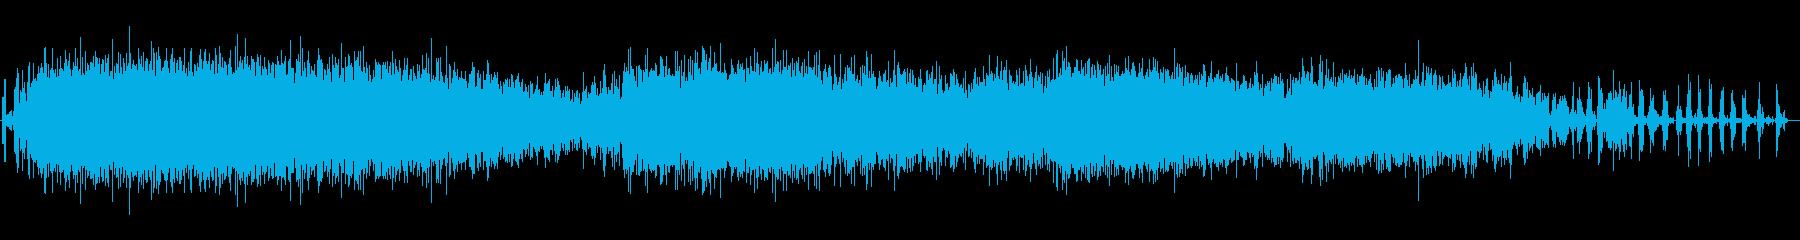 ガラガラヘビ、ウエスタンダイヤモン...の再生済みの波形